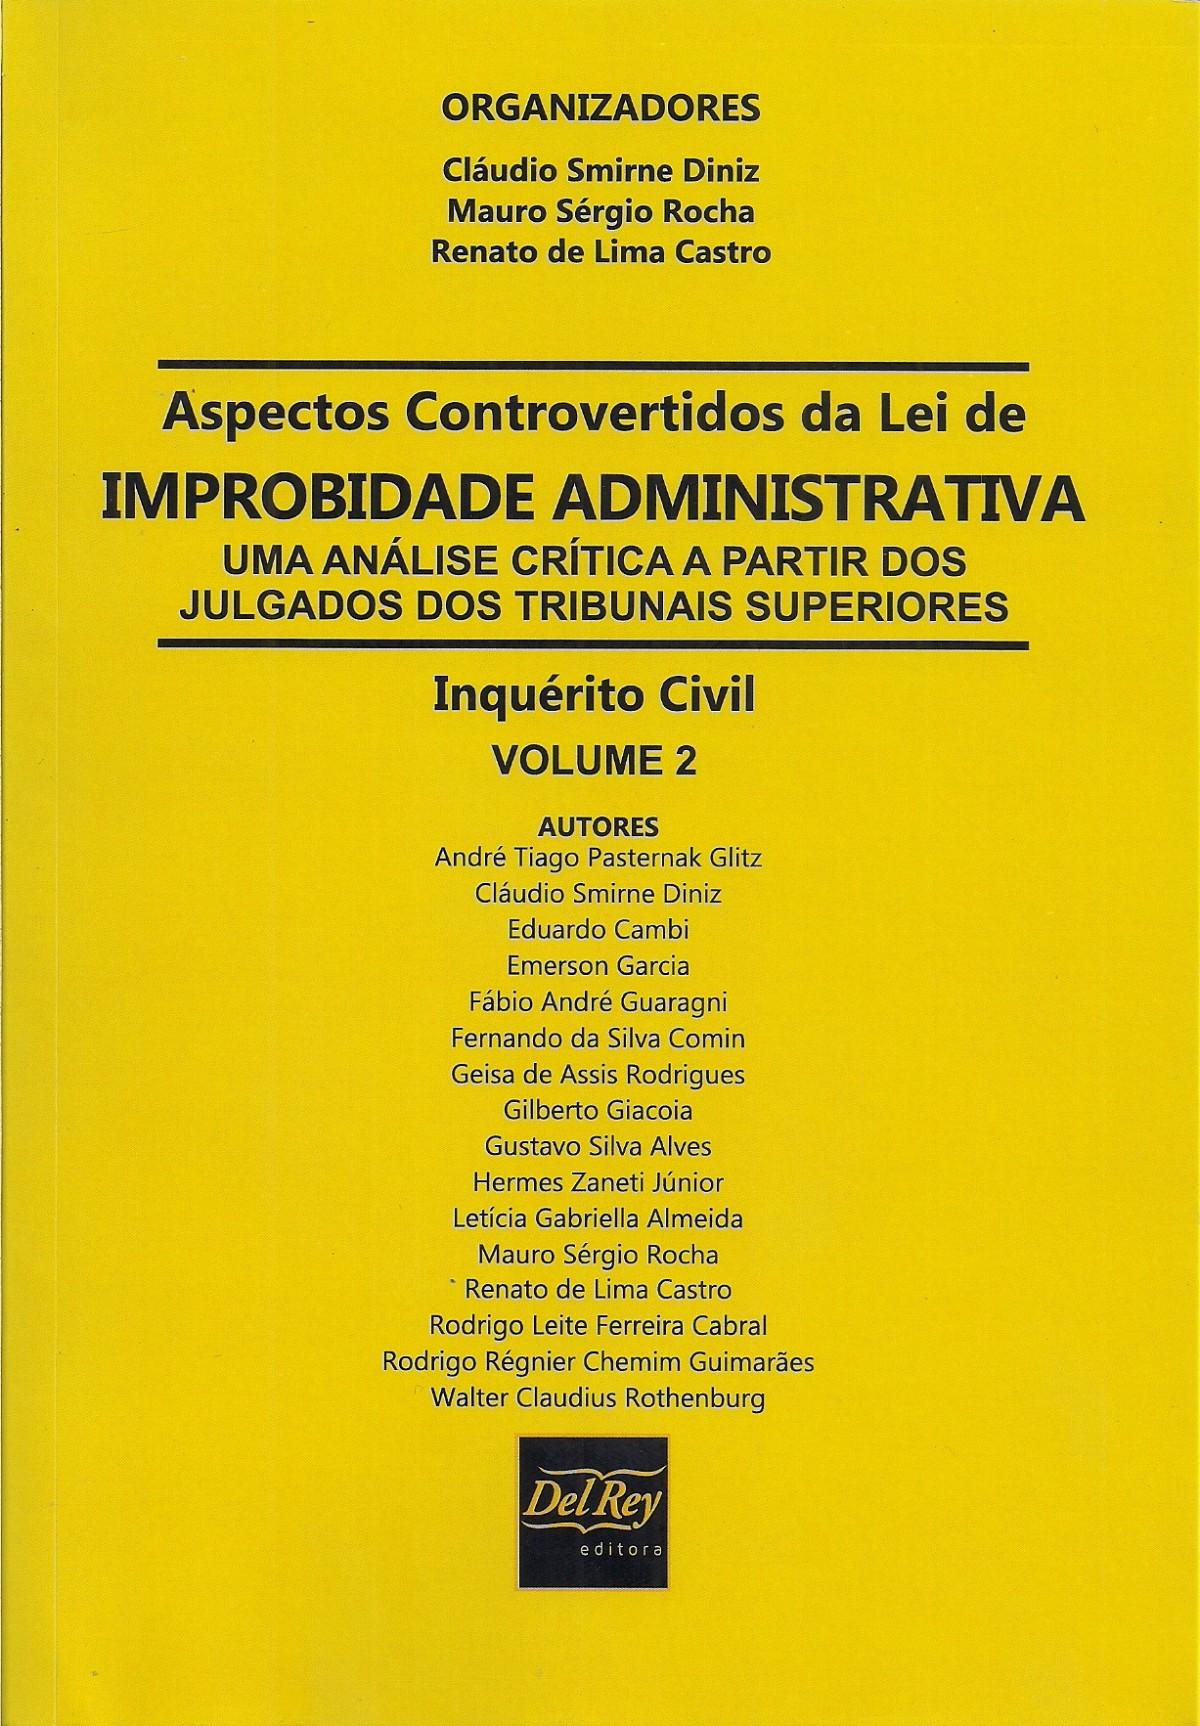 Foto 1 - Aspectos Controvertidos da Lei de Improbidade Administrativa - Vol. 2